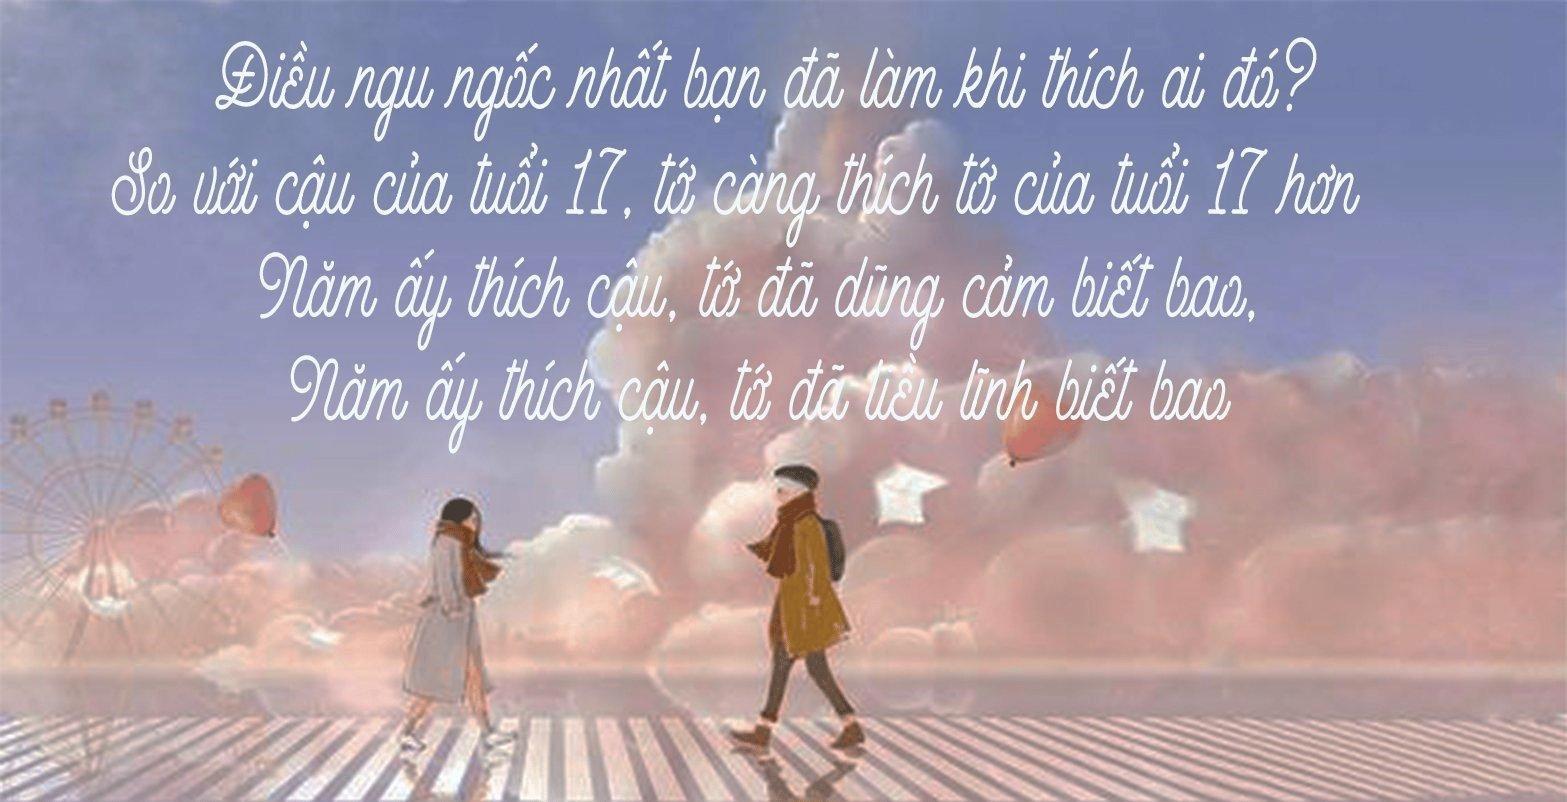 nhung-cau-noi-hay-de-dang-anh-len-facebook-2